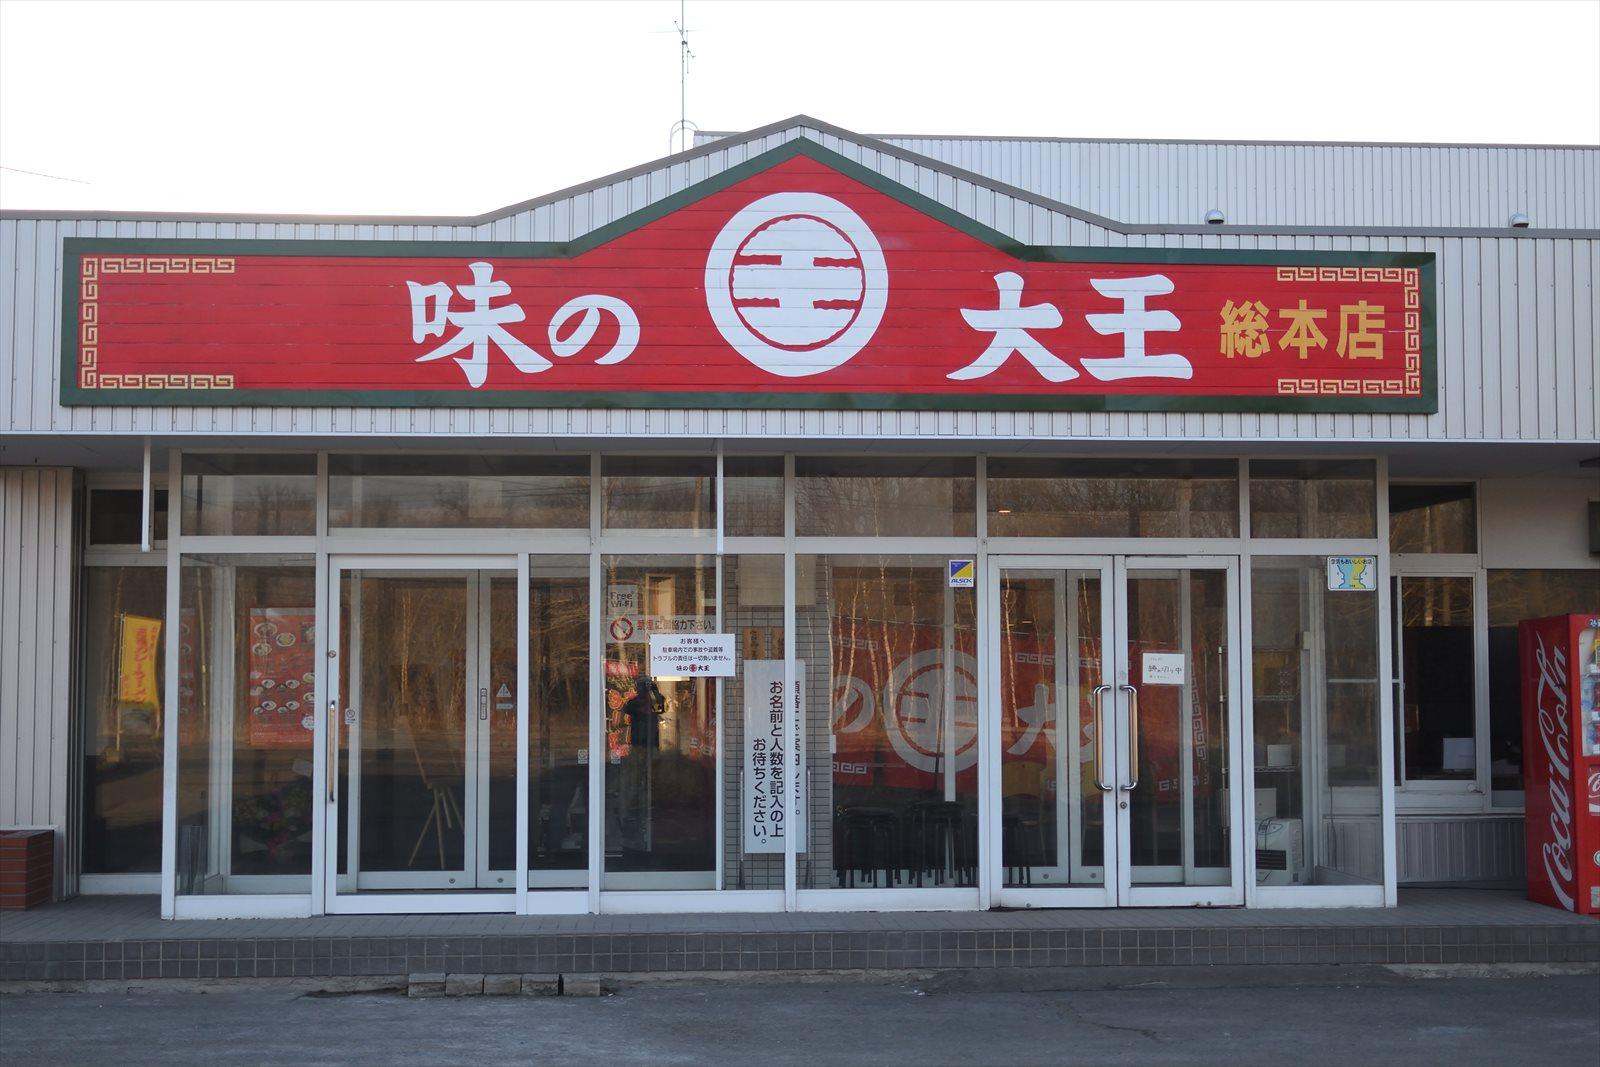 【苫小牧】味の大王 総本店 朝ラーセット_a0145819_11471941.jpg